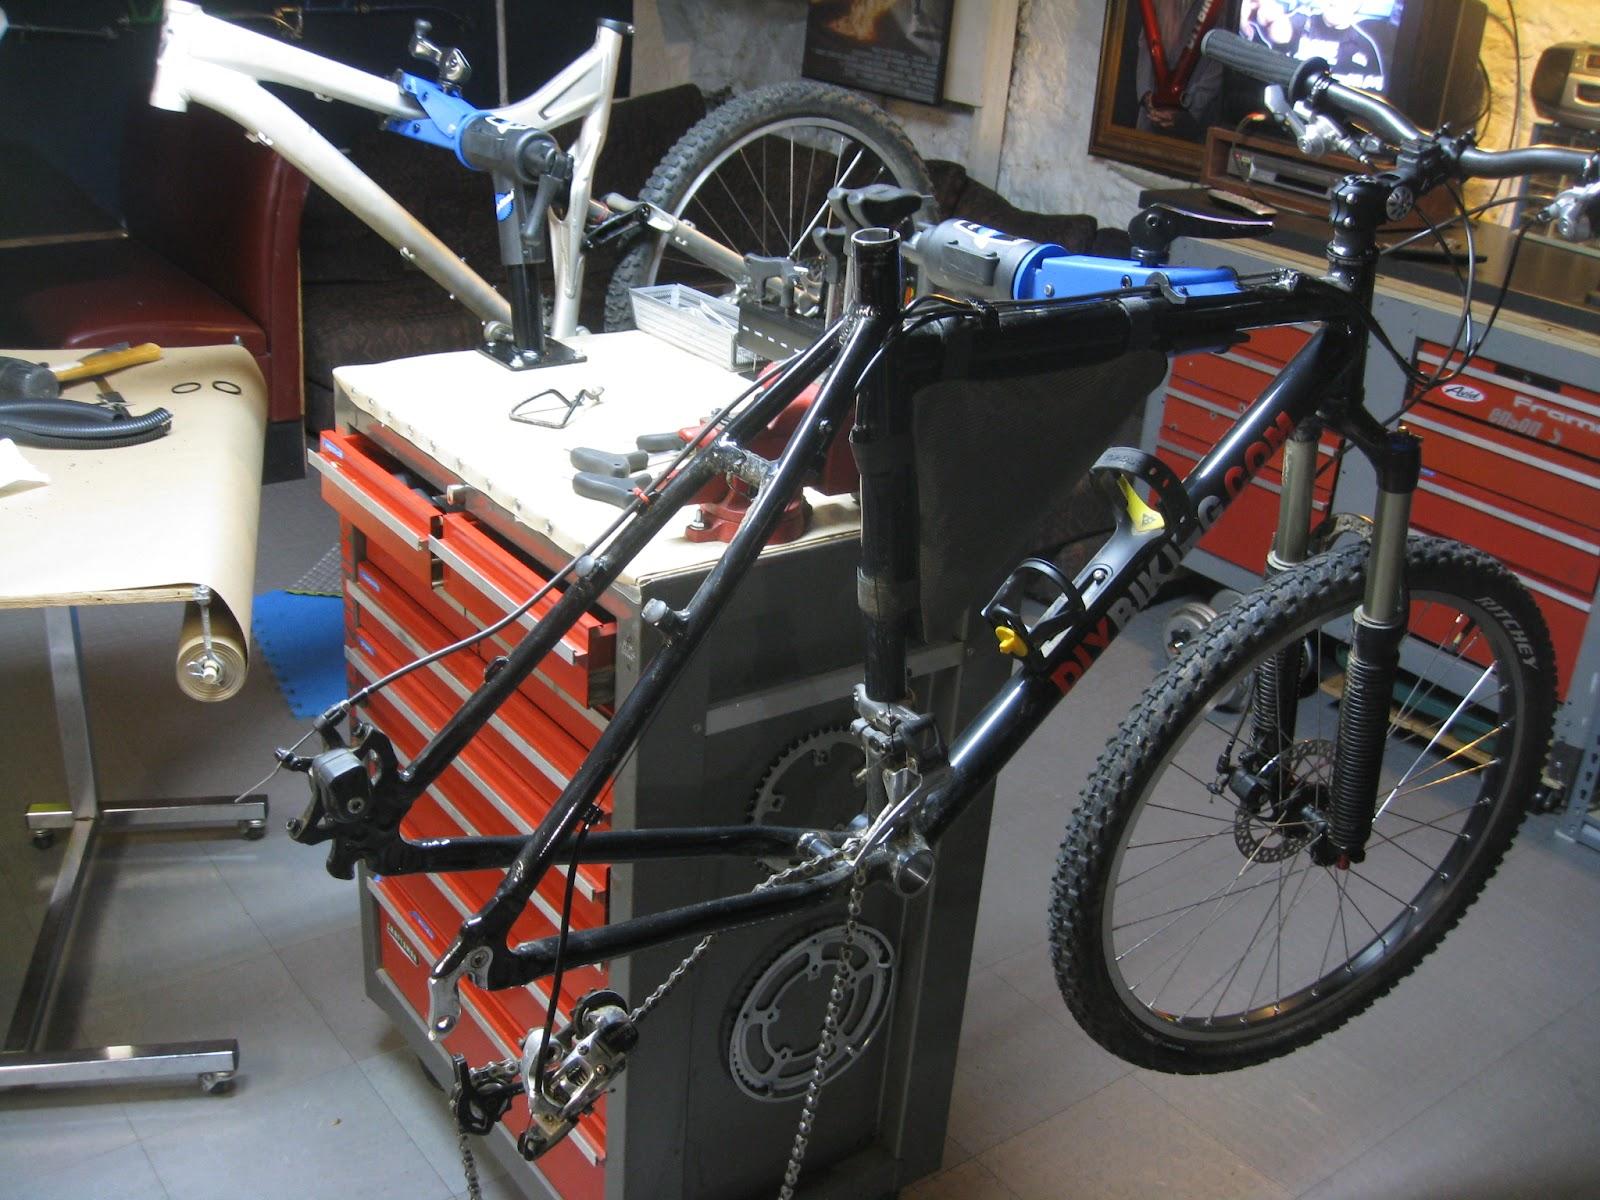 DIY Biking | How bike builds, bike travel and bike life can save the